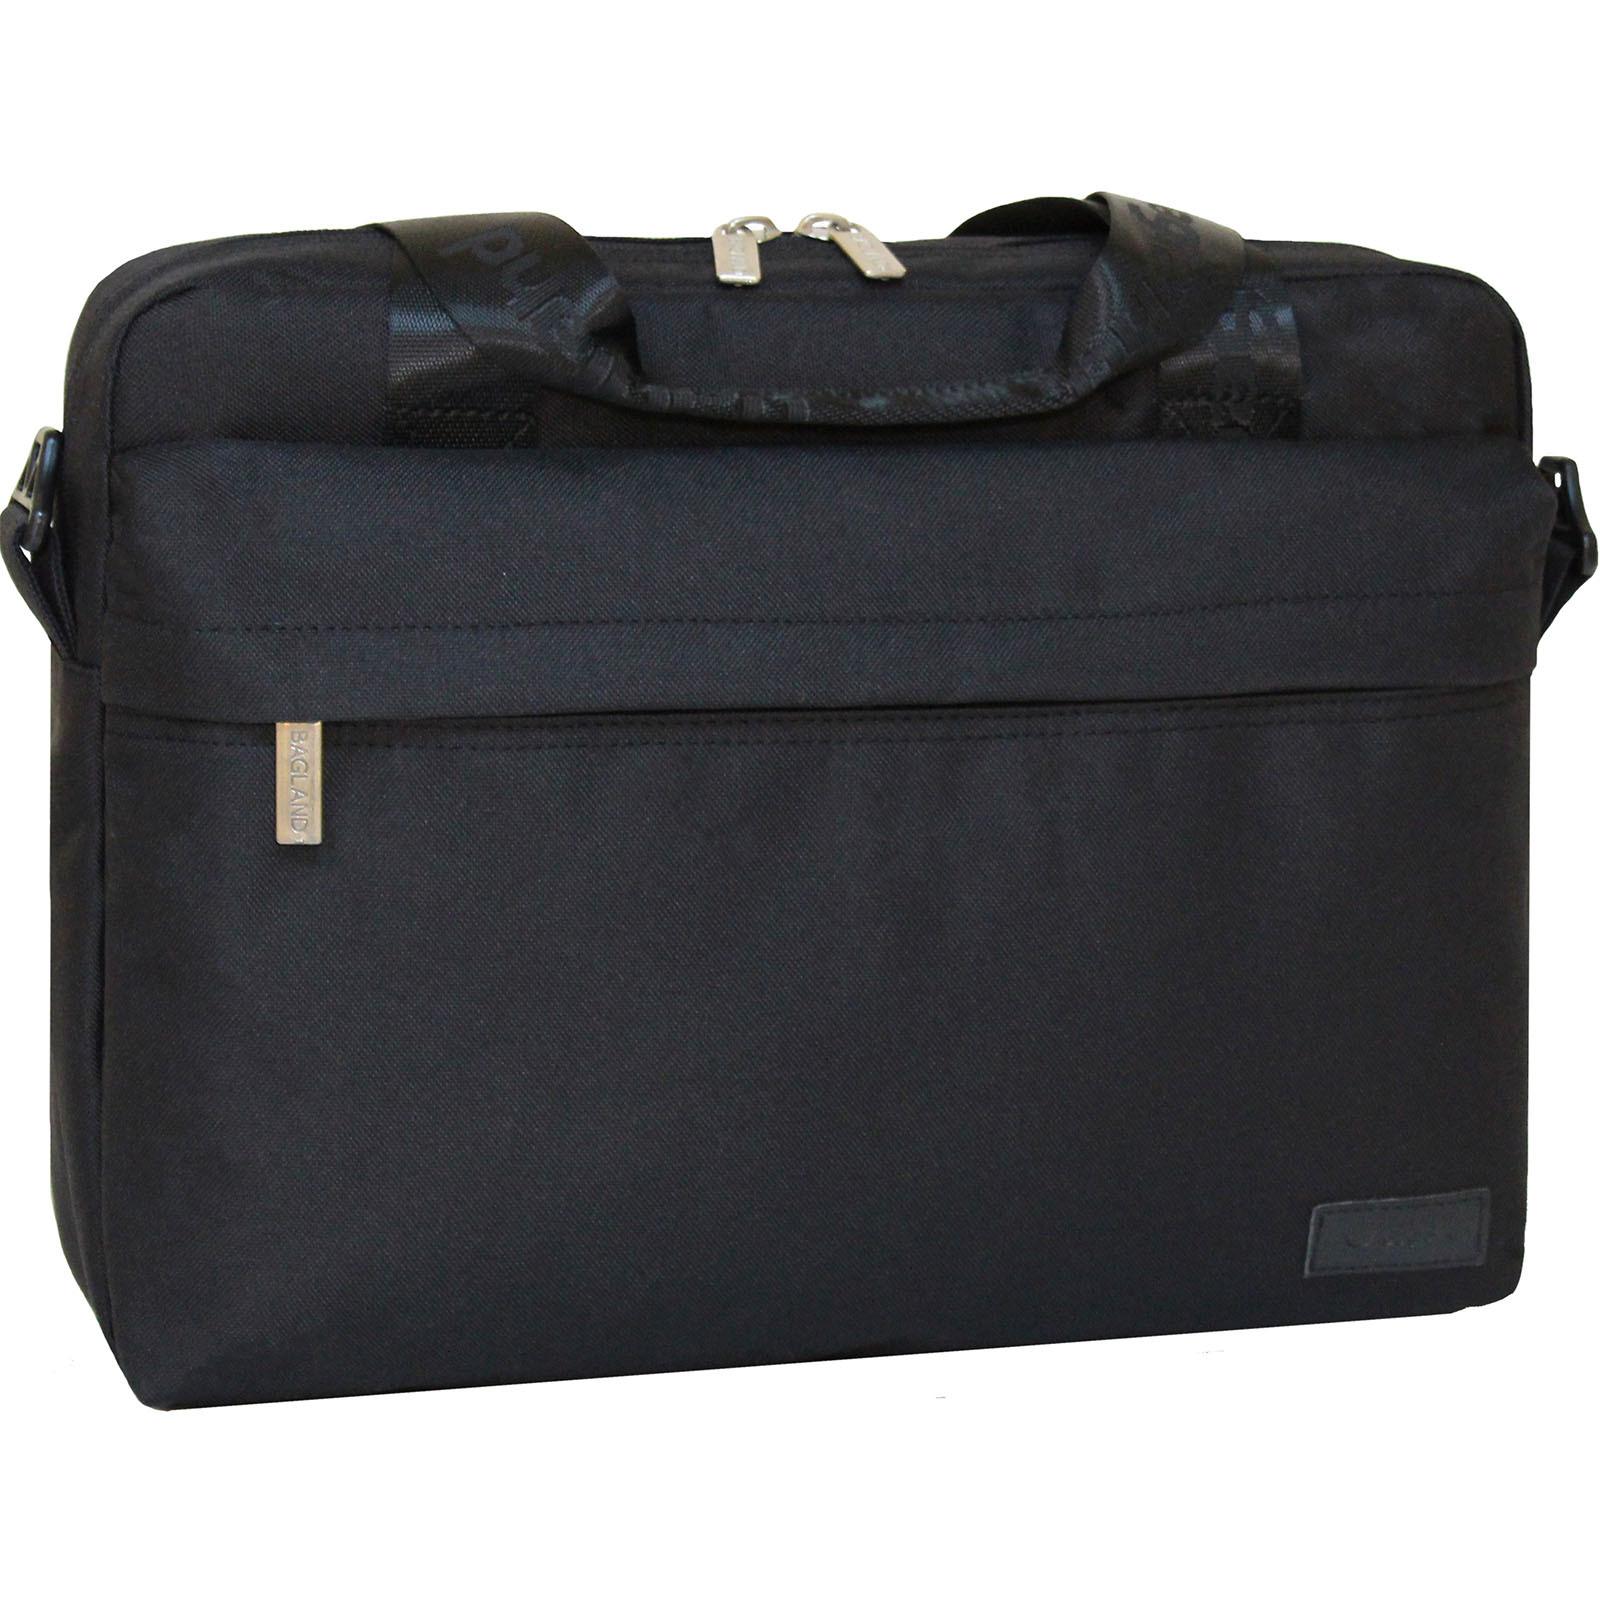 Сумки для ноутбука Сумка под ноутбук Bagland Salivan 8 л. Черный (0040366) IMG_1953.JPG